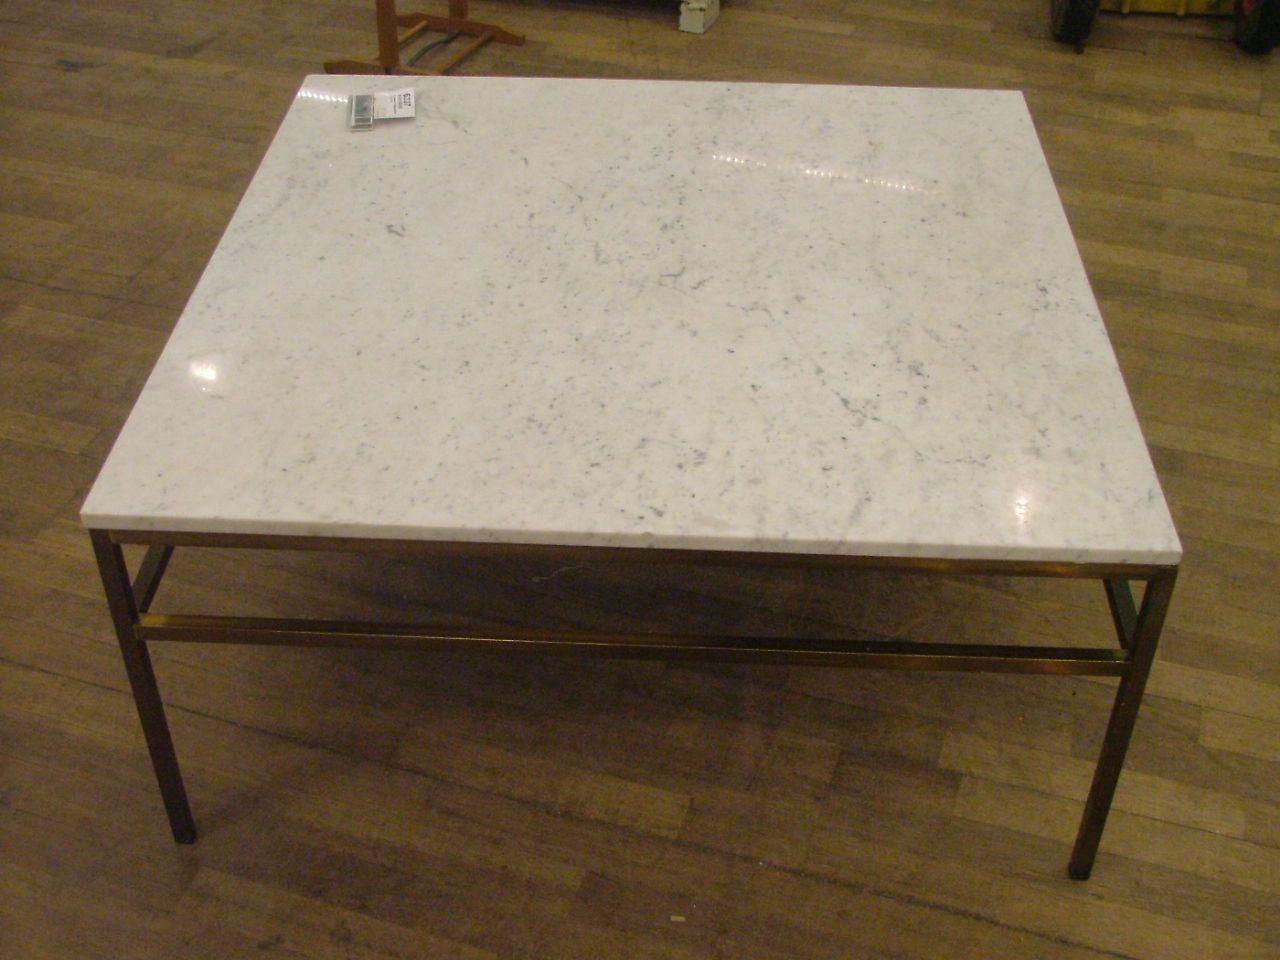 Soffbord marmor och mässing Hemma Furniture, Home Decor och Decor